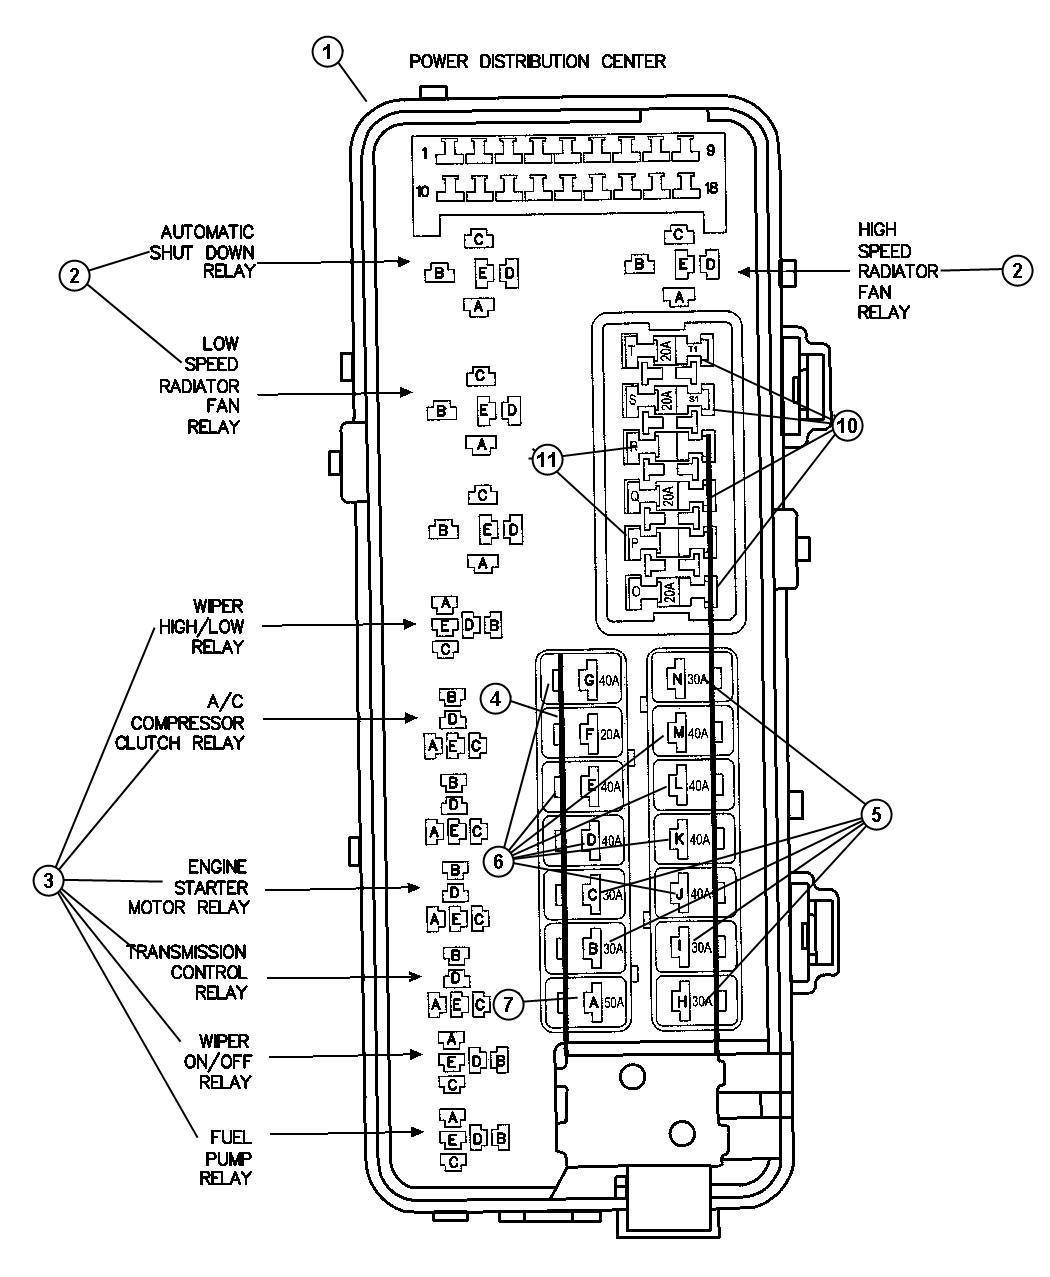 2003 chrysler 300 power distribution center